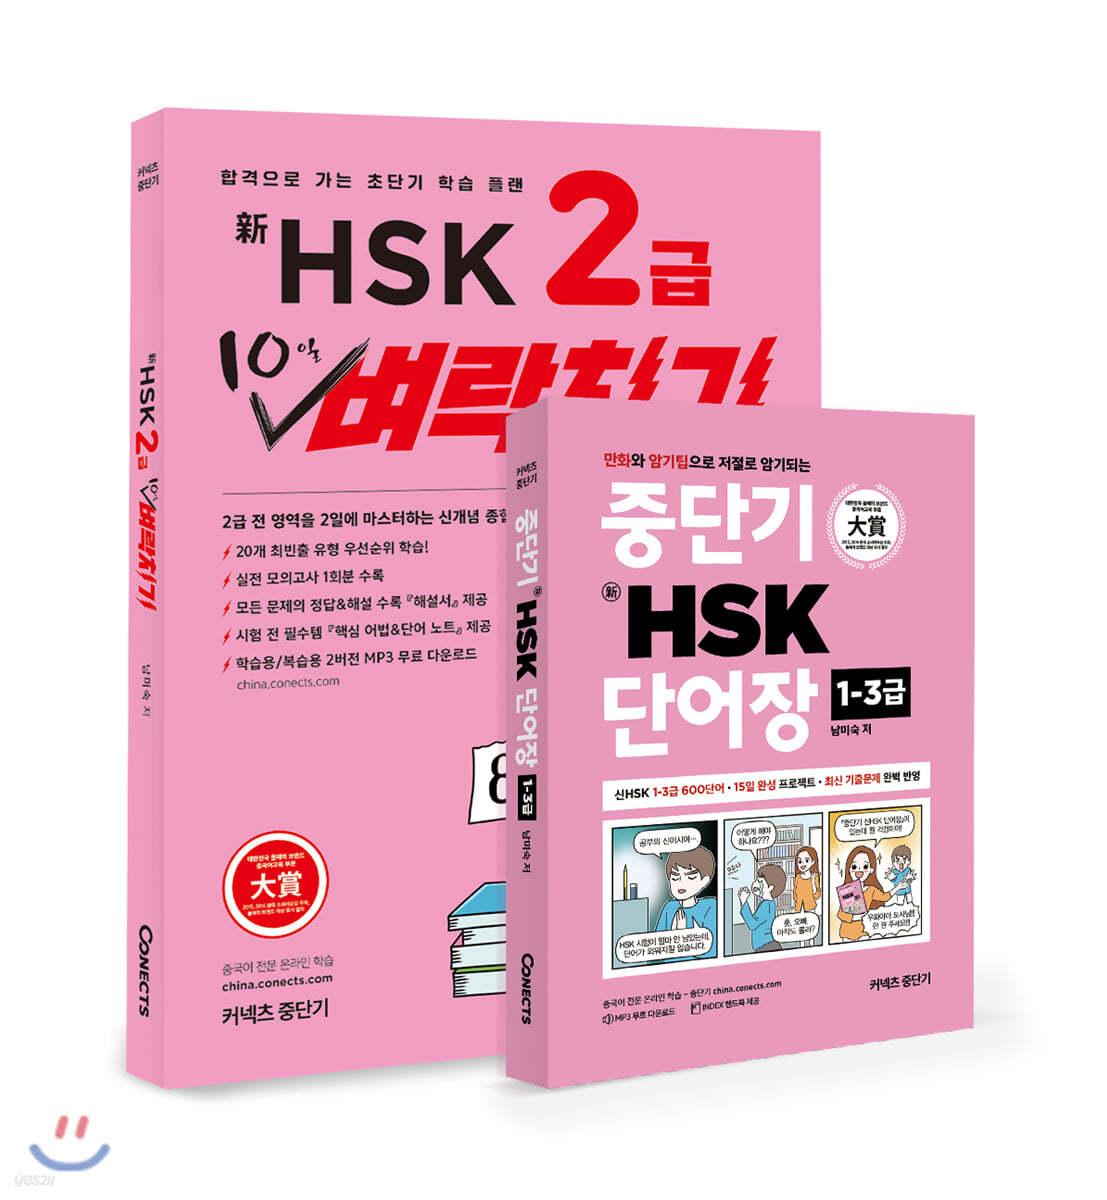 신HSK 2급 10일 벼락치기 + 중단기 新HSK 단어장 1-3급